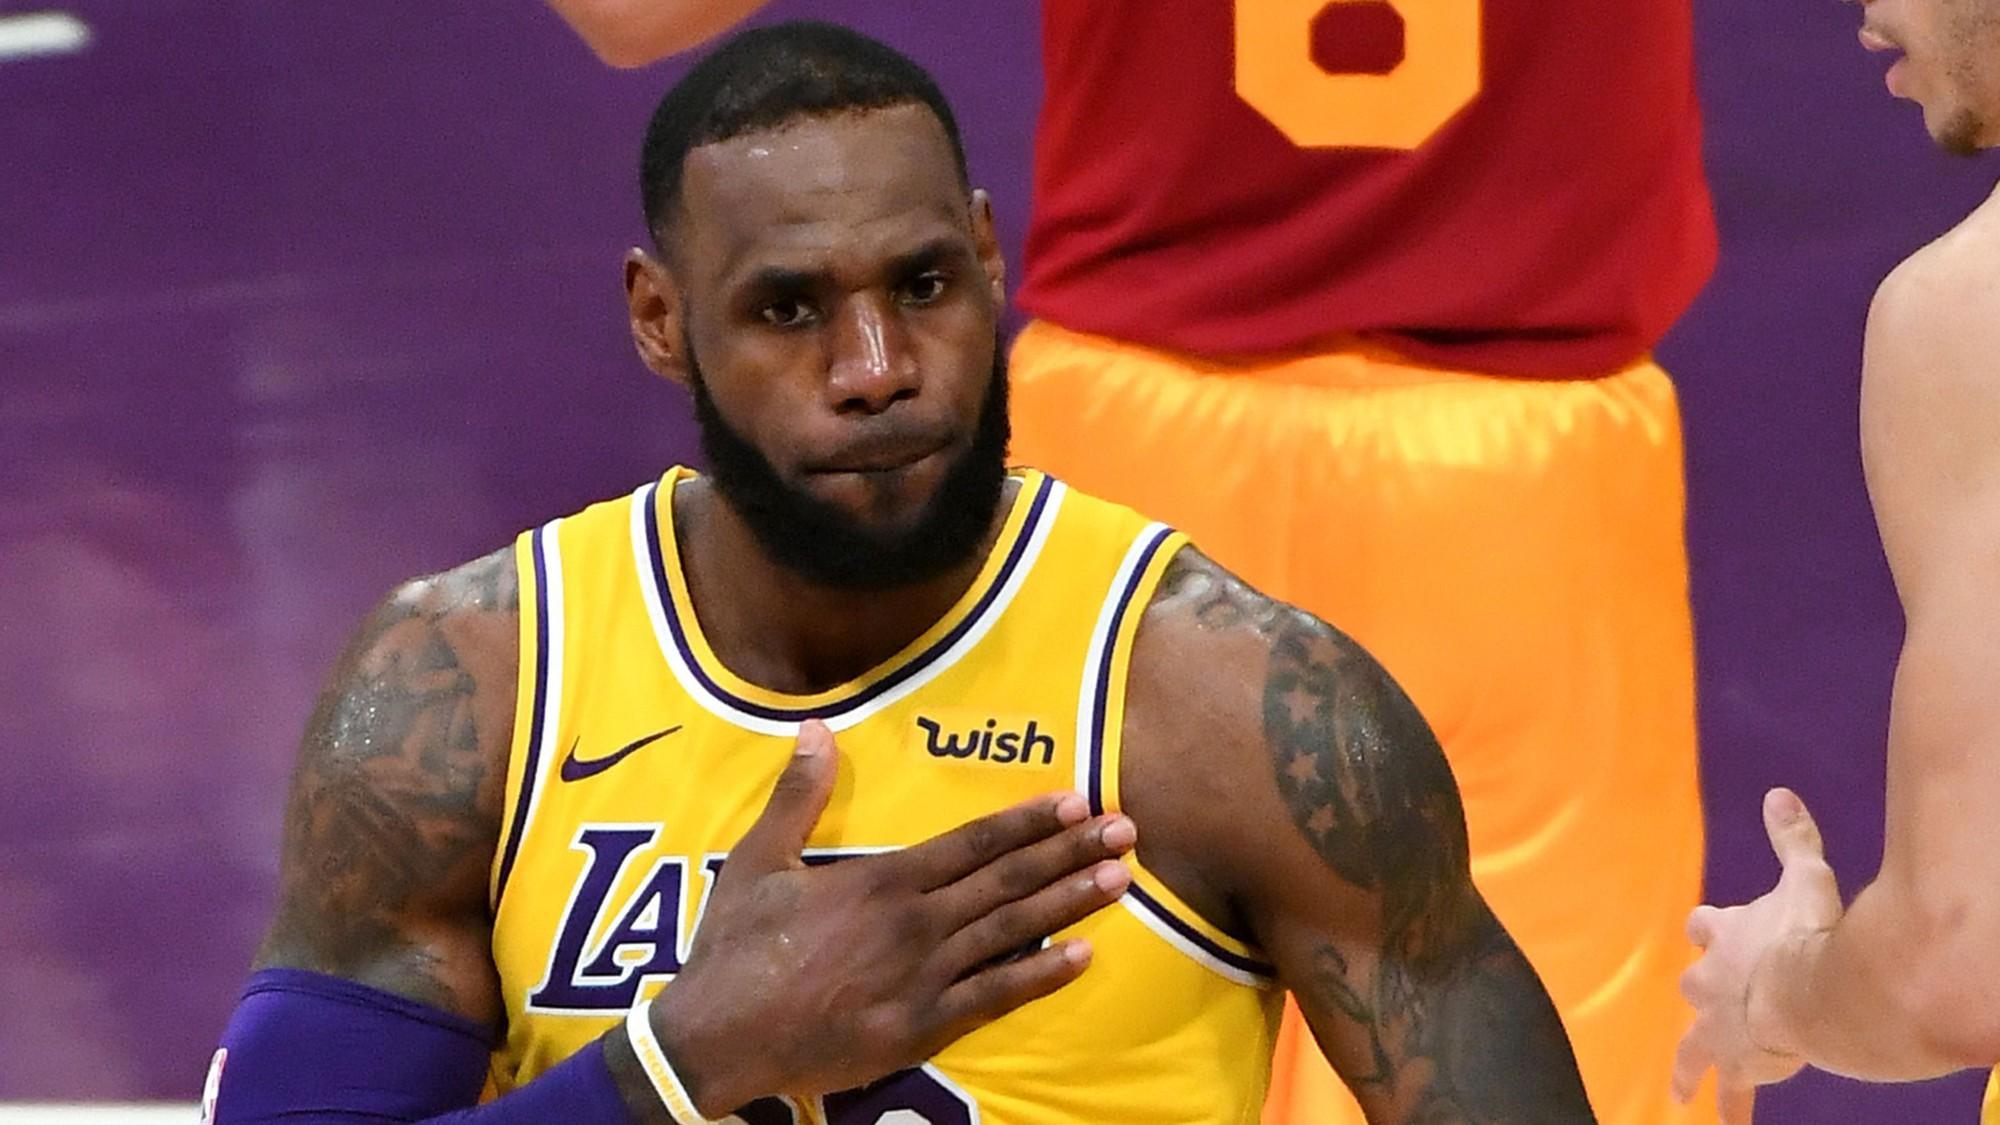 Chính LeBron James cũng bất ngờ vì mình lại phải cầm banh ở LA Lakers nhiều đến như vậy - Ảnh 1.